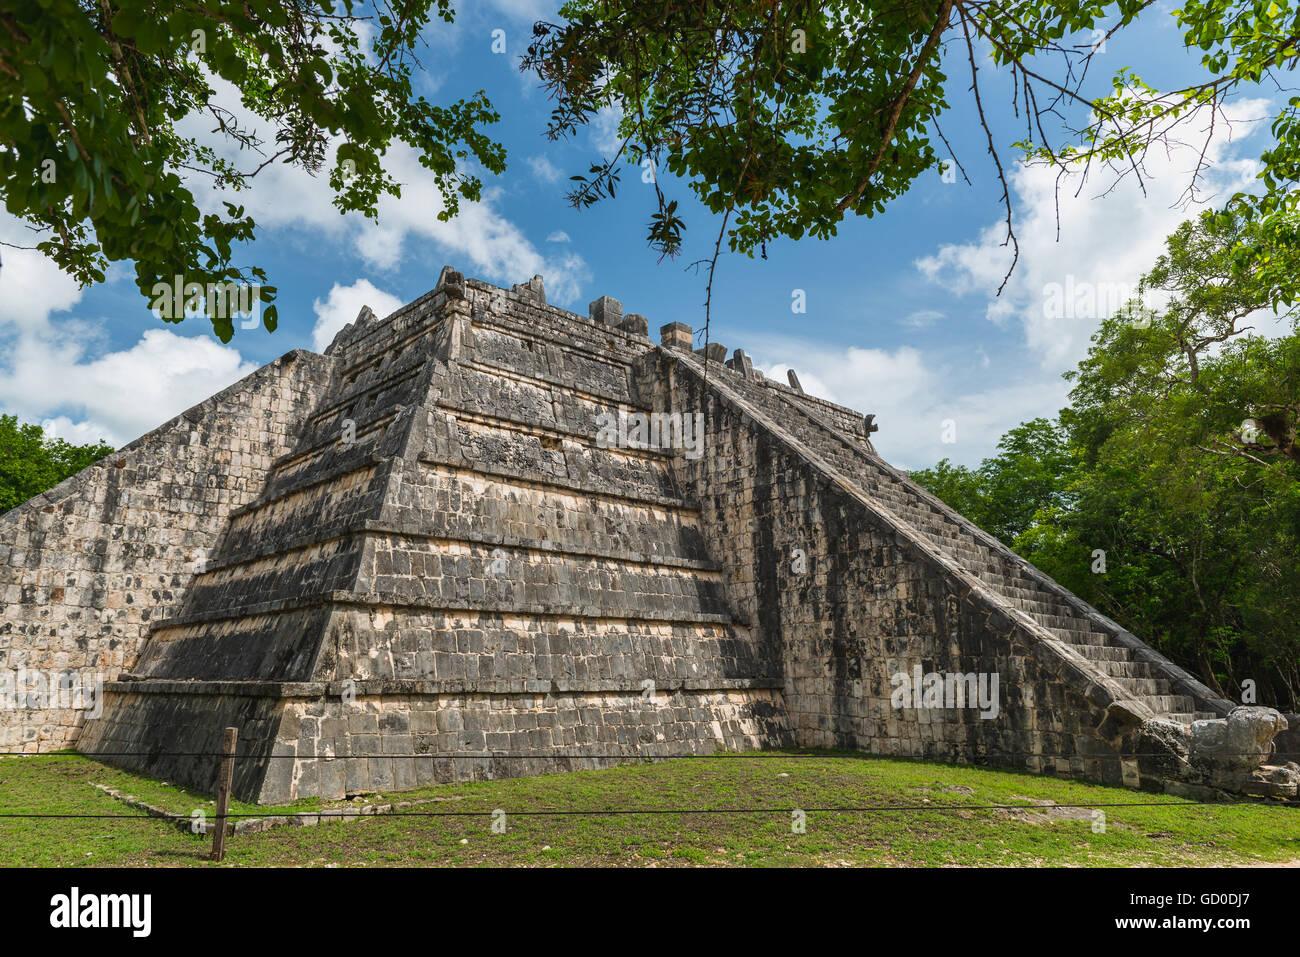 Le antiche piramidi Maya a Chichen Itza, Messico. Immagini Stock